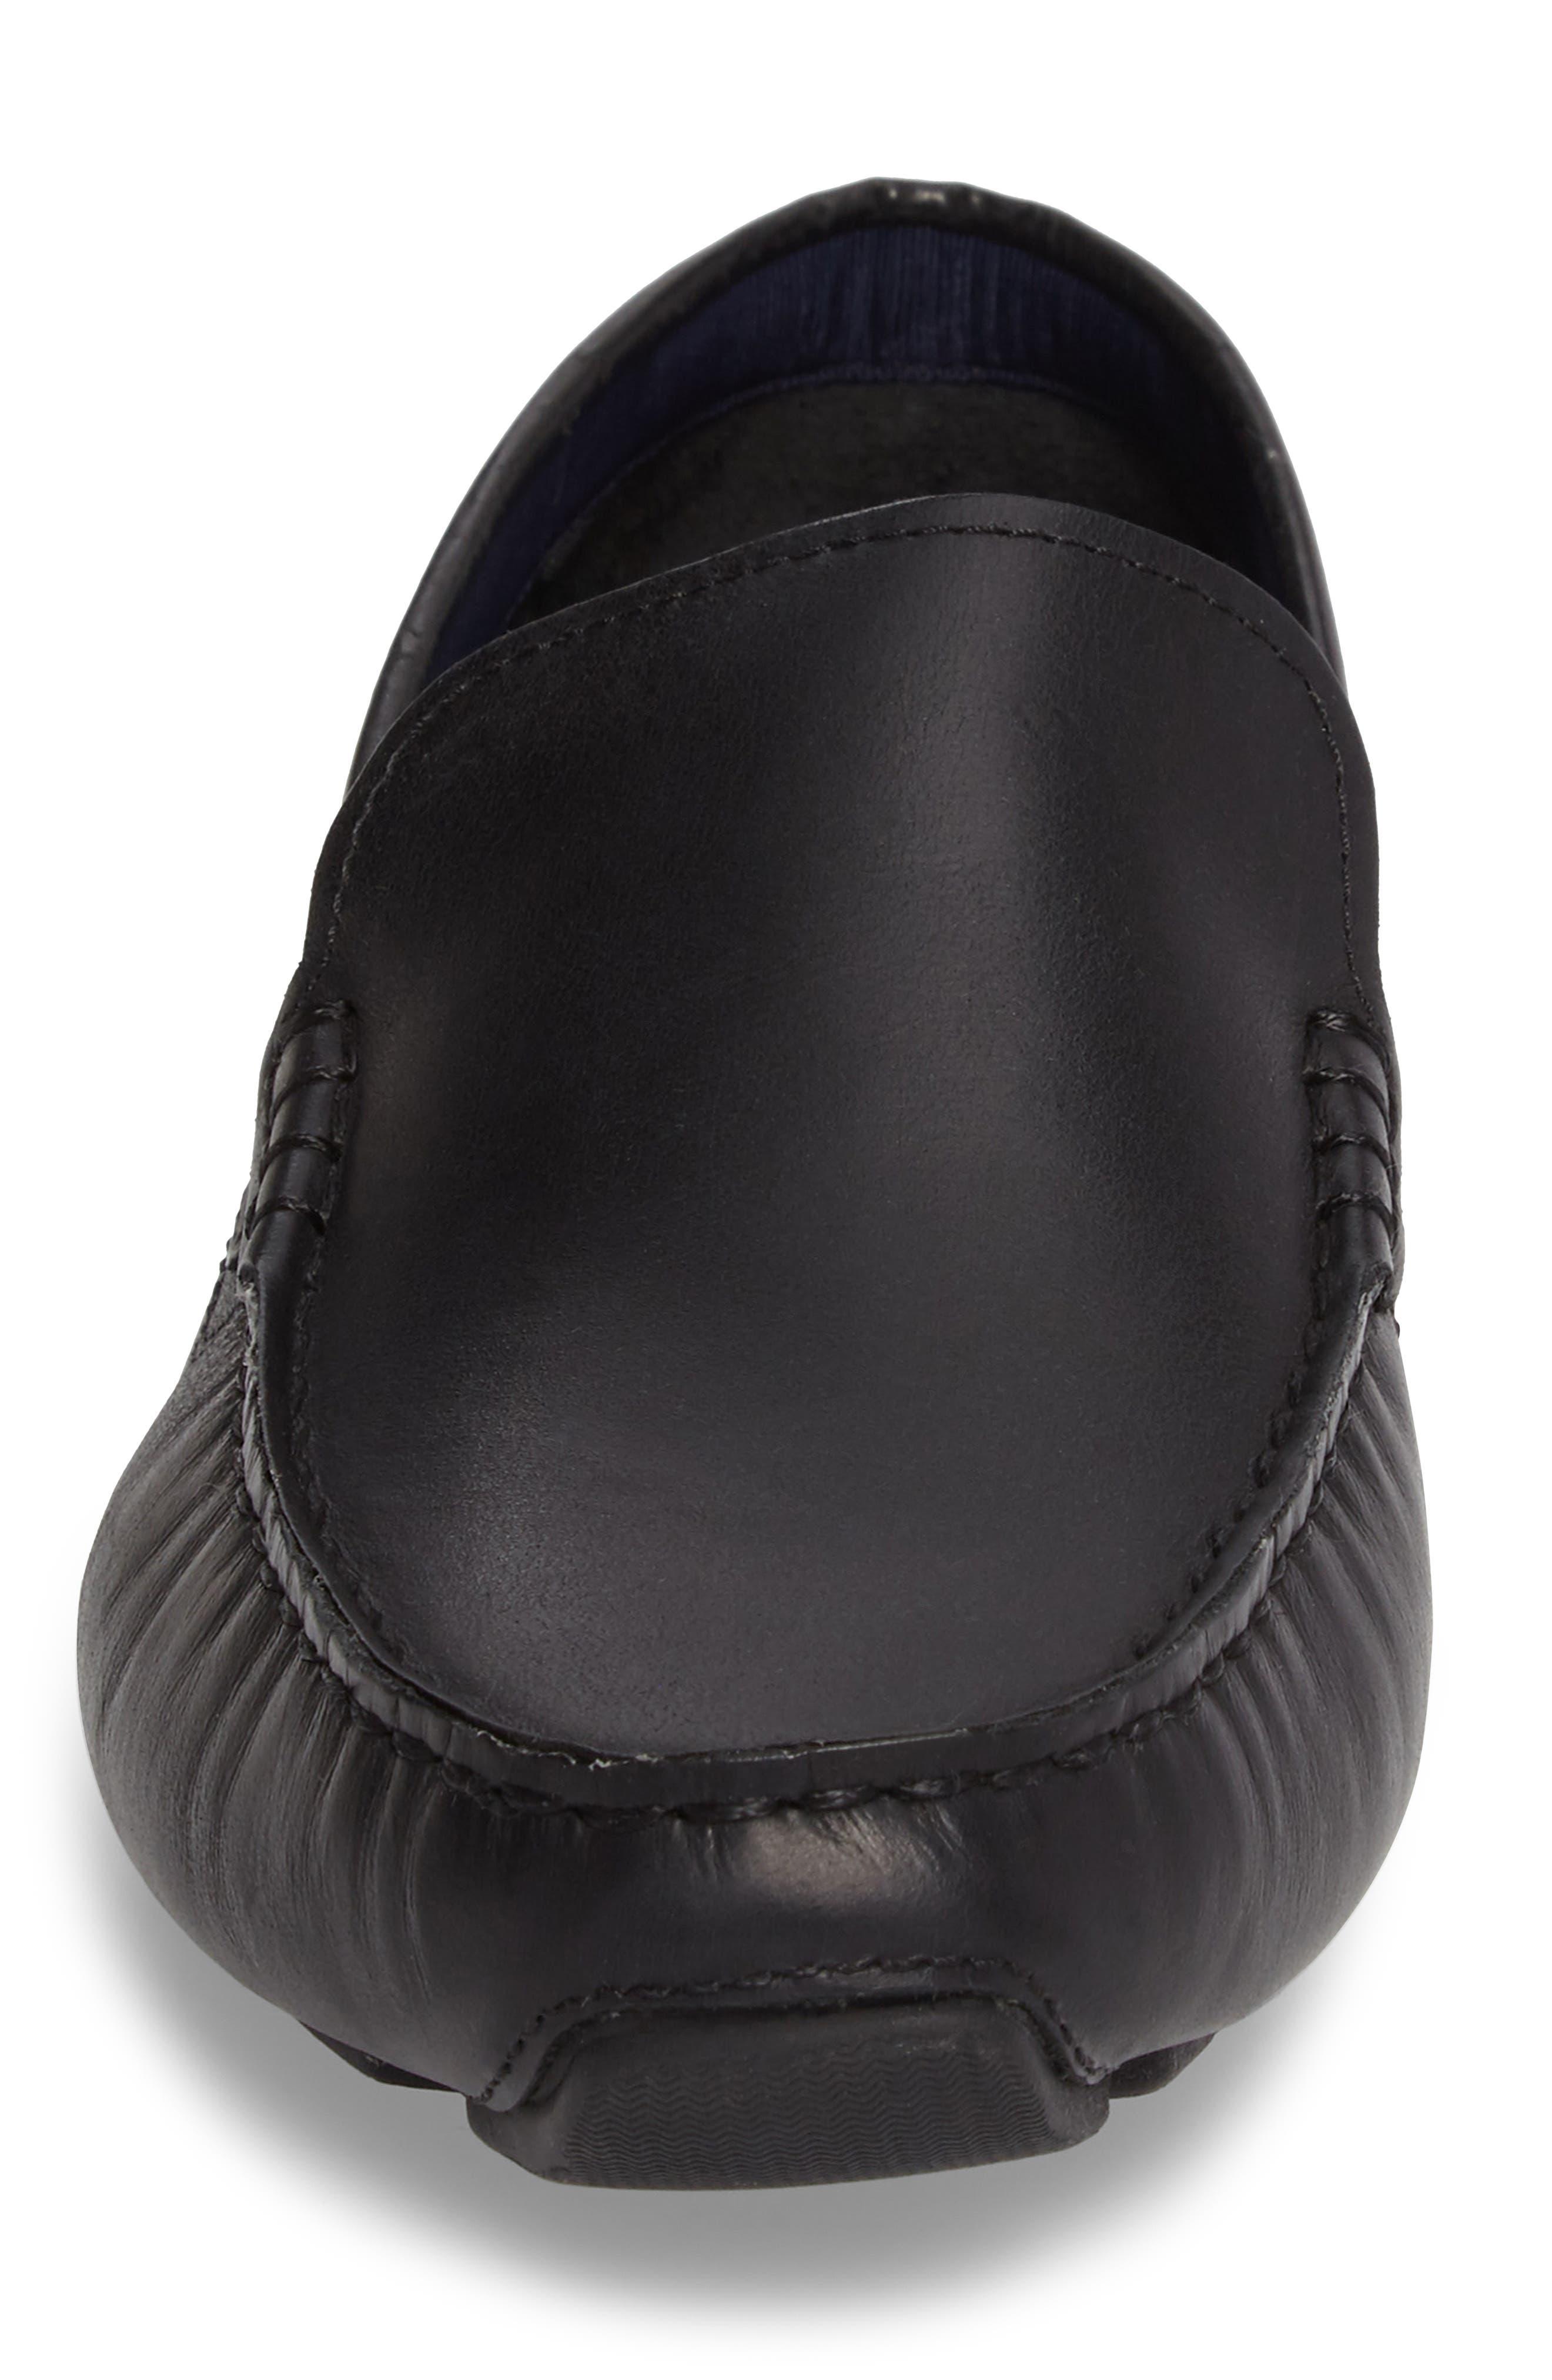 Kelson Venetian Driving Loafer,                             Alternate thumbnail 4, color,                             Black